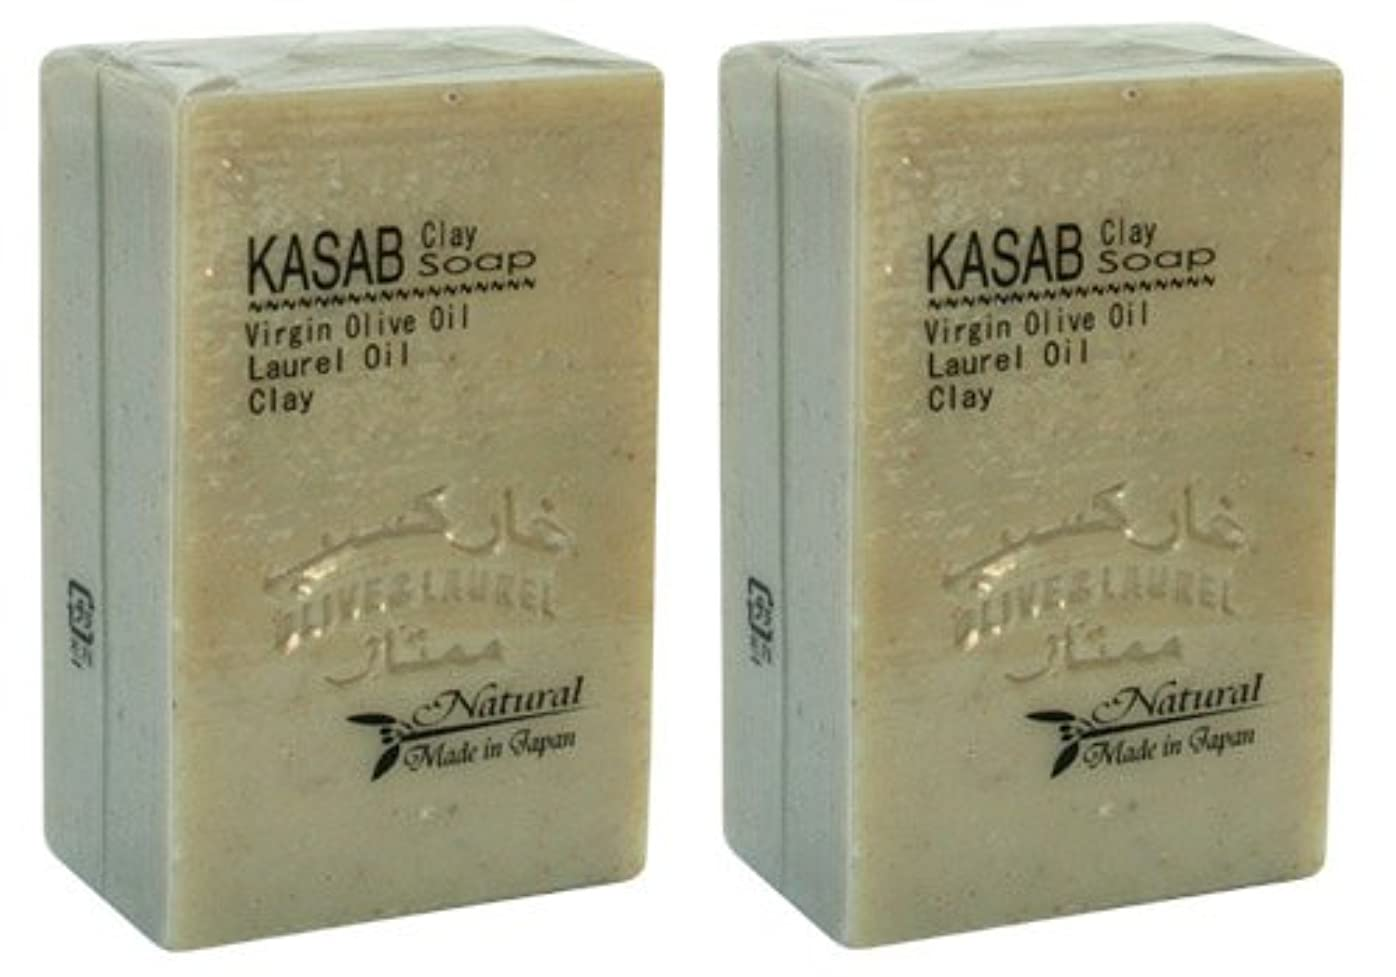 工場乳製品重さカサブクレイ石鹸2個セット